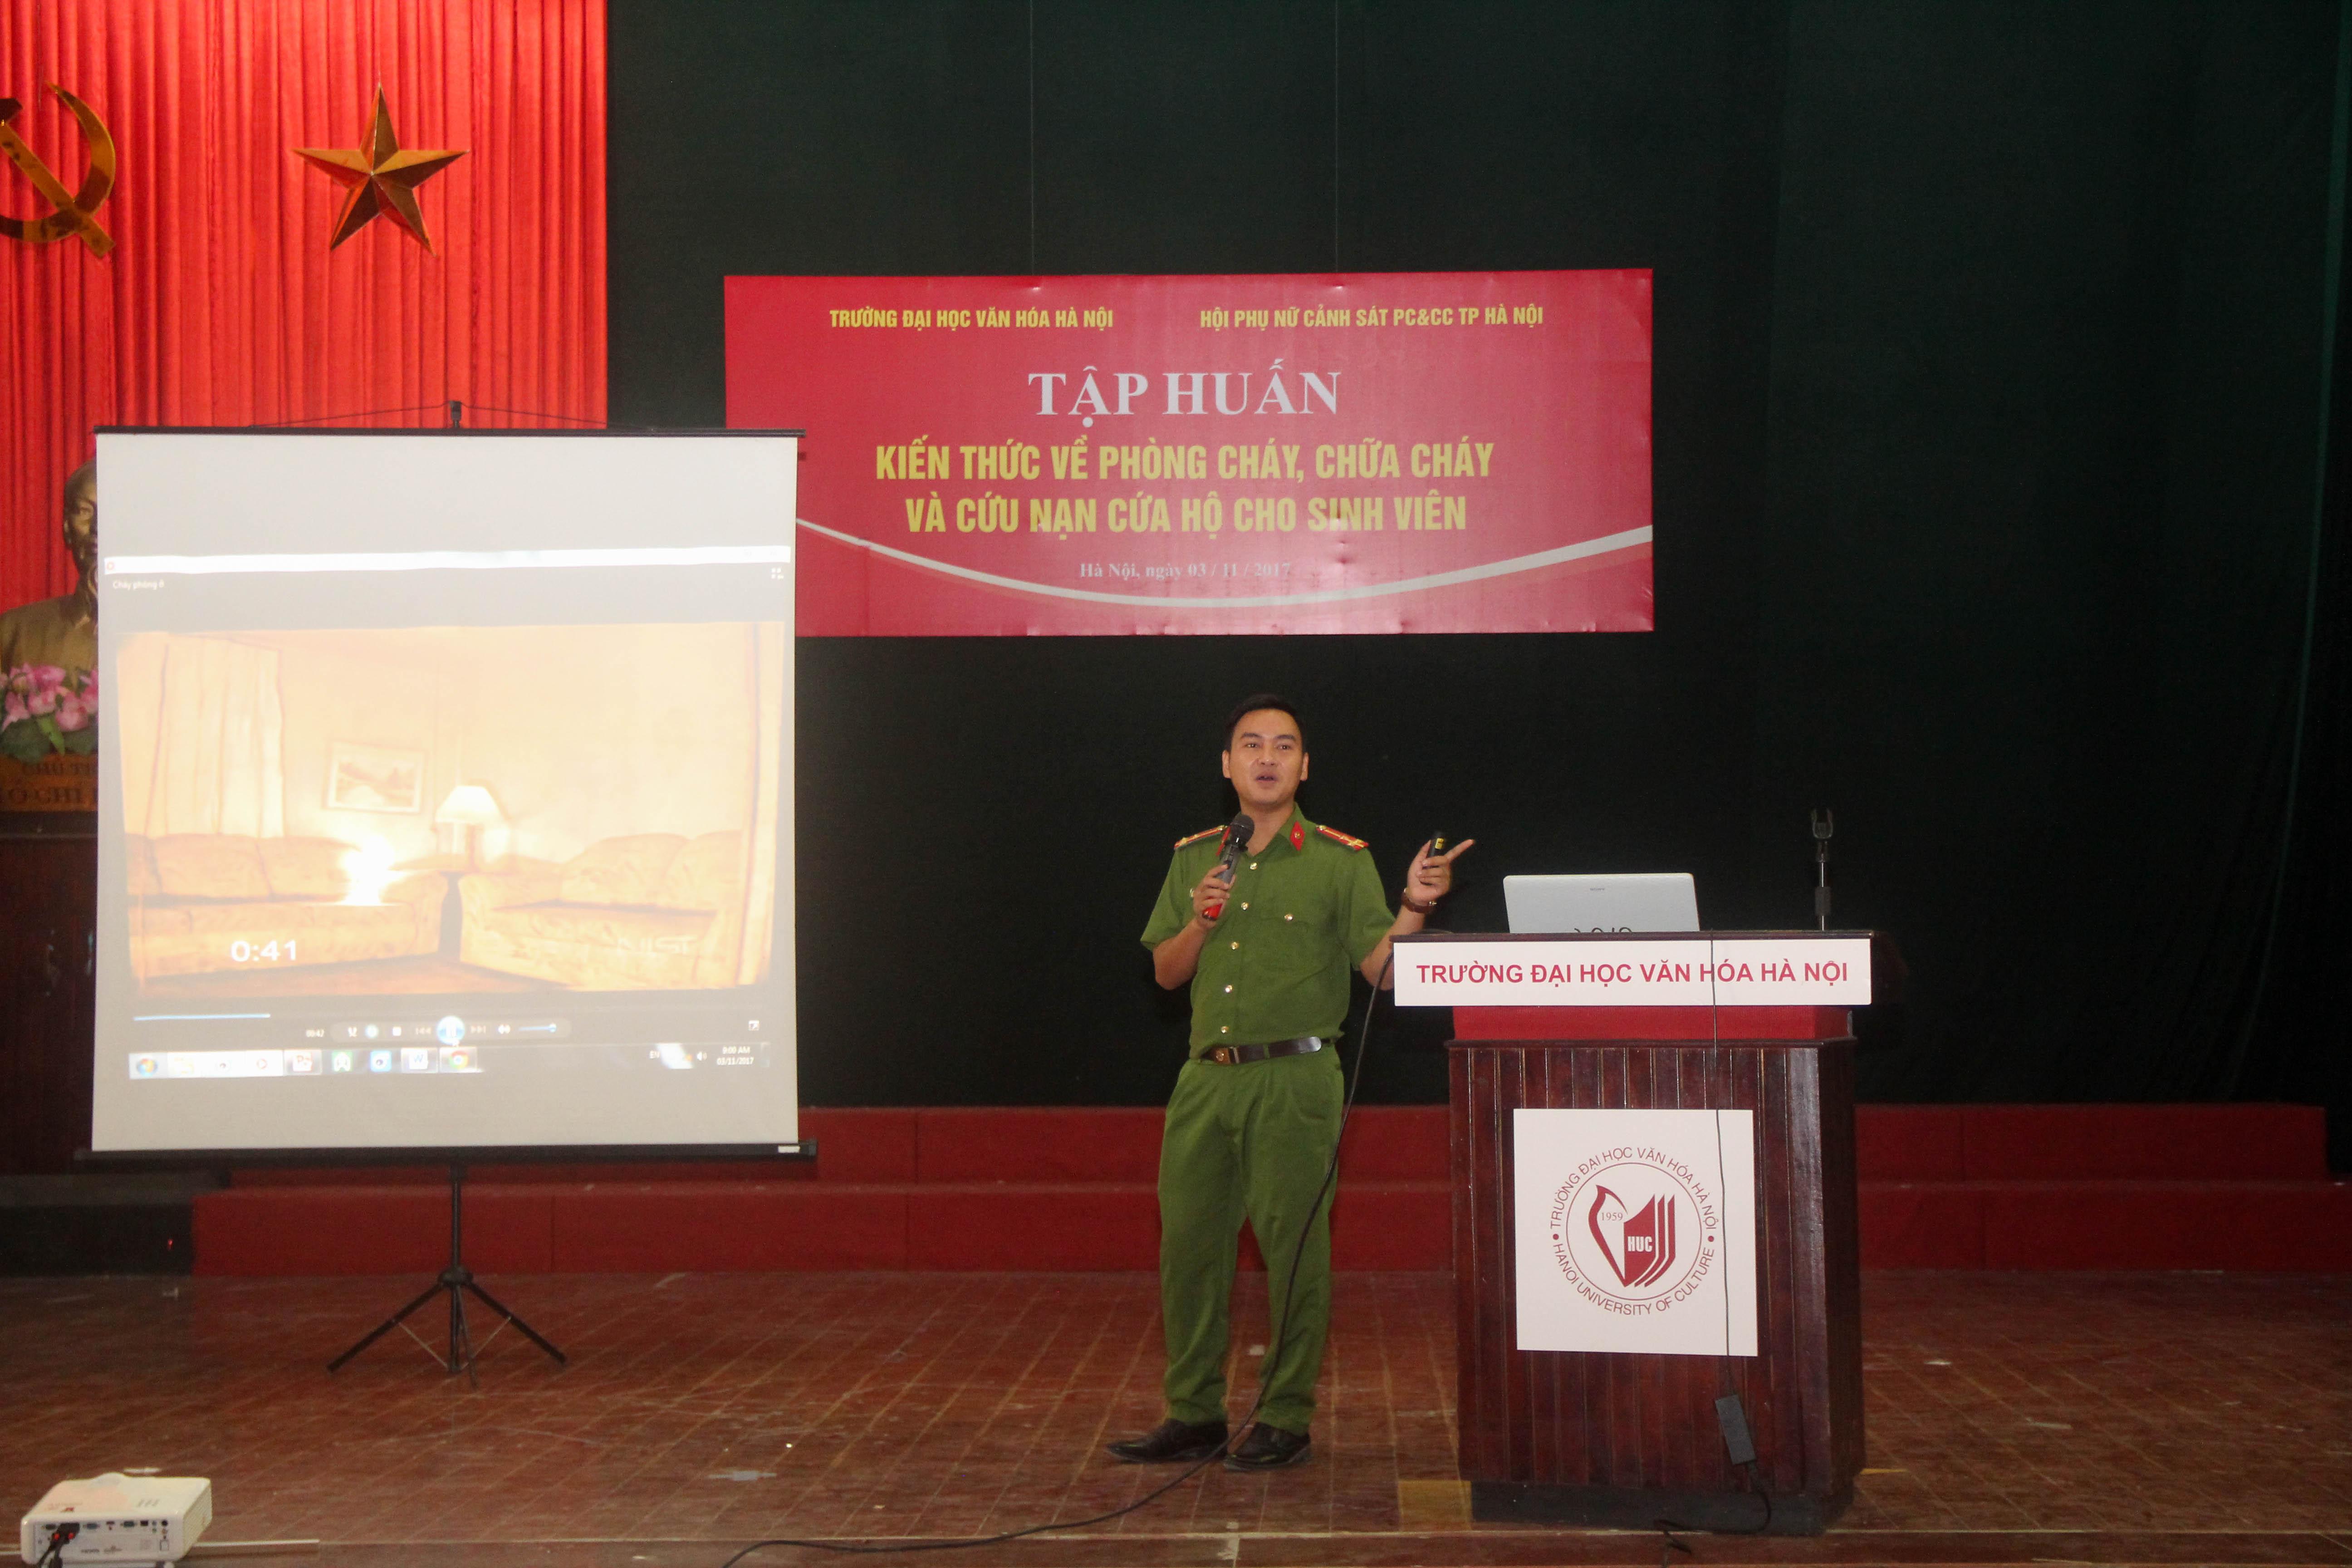 Tuổi trẻ trường Đại học Văn hóa Hà Nội cùng công tác phòng cháy, chữa cháy